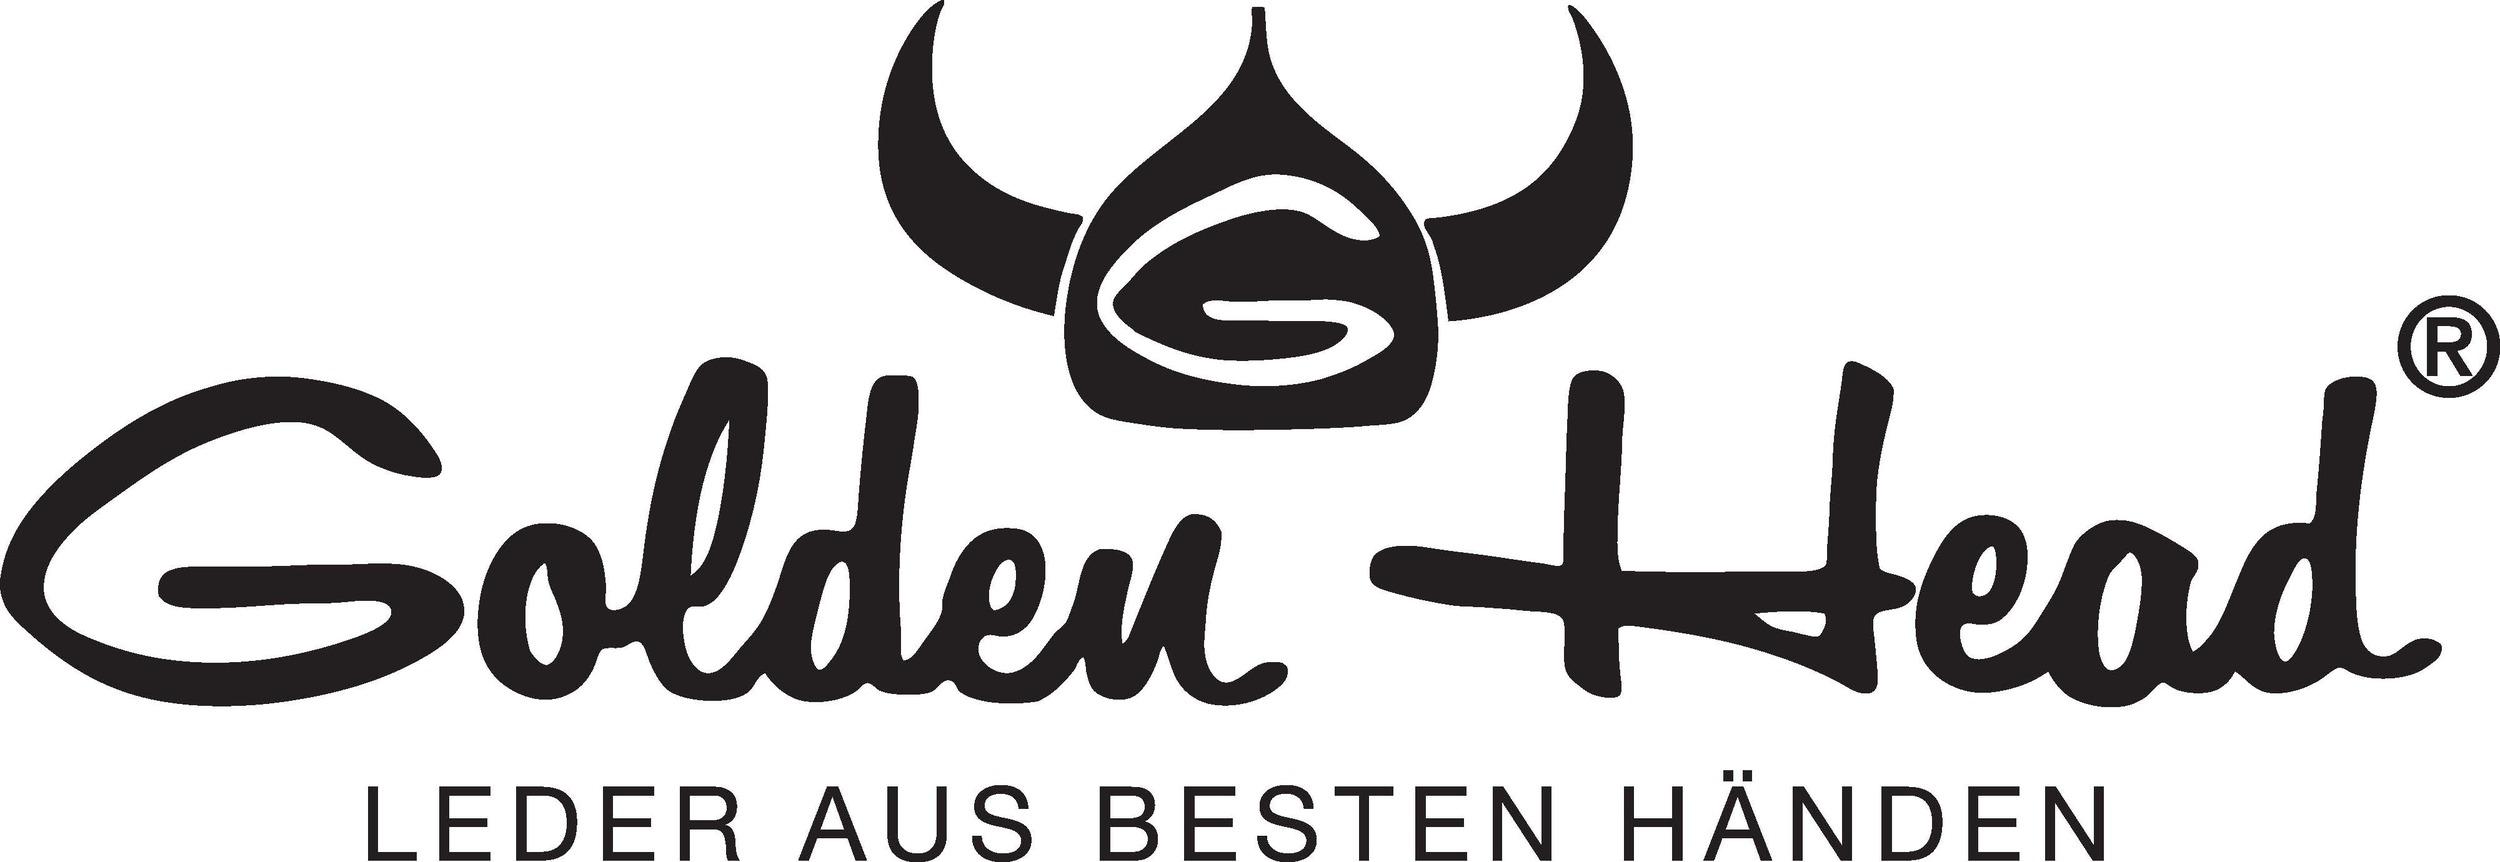 Golden Head Logo_black mit Claim EPS vektorisiert.jpg